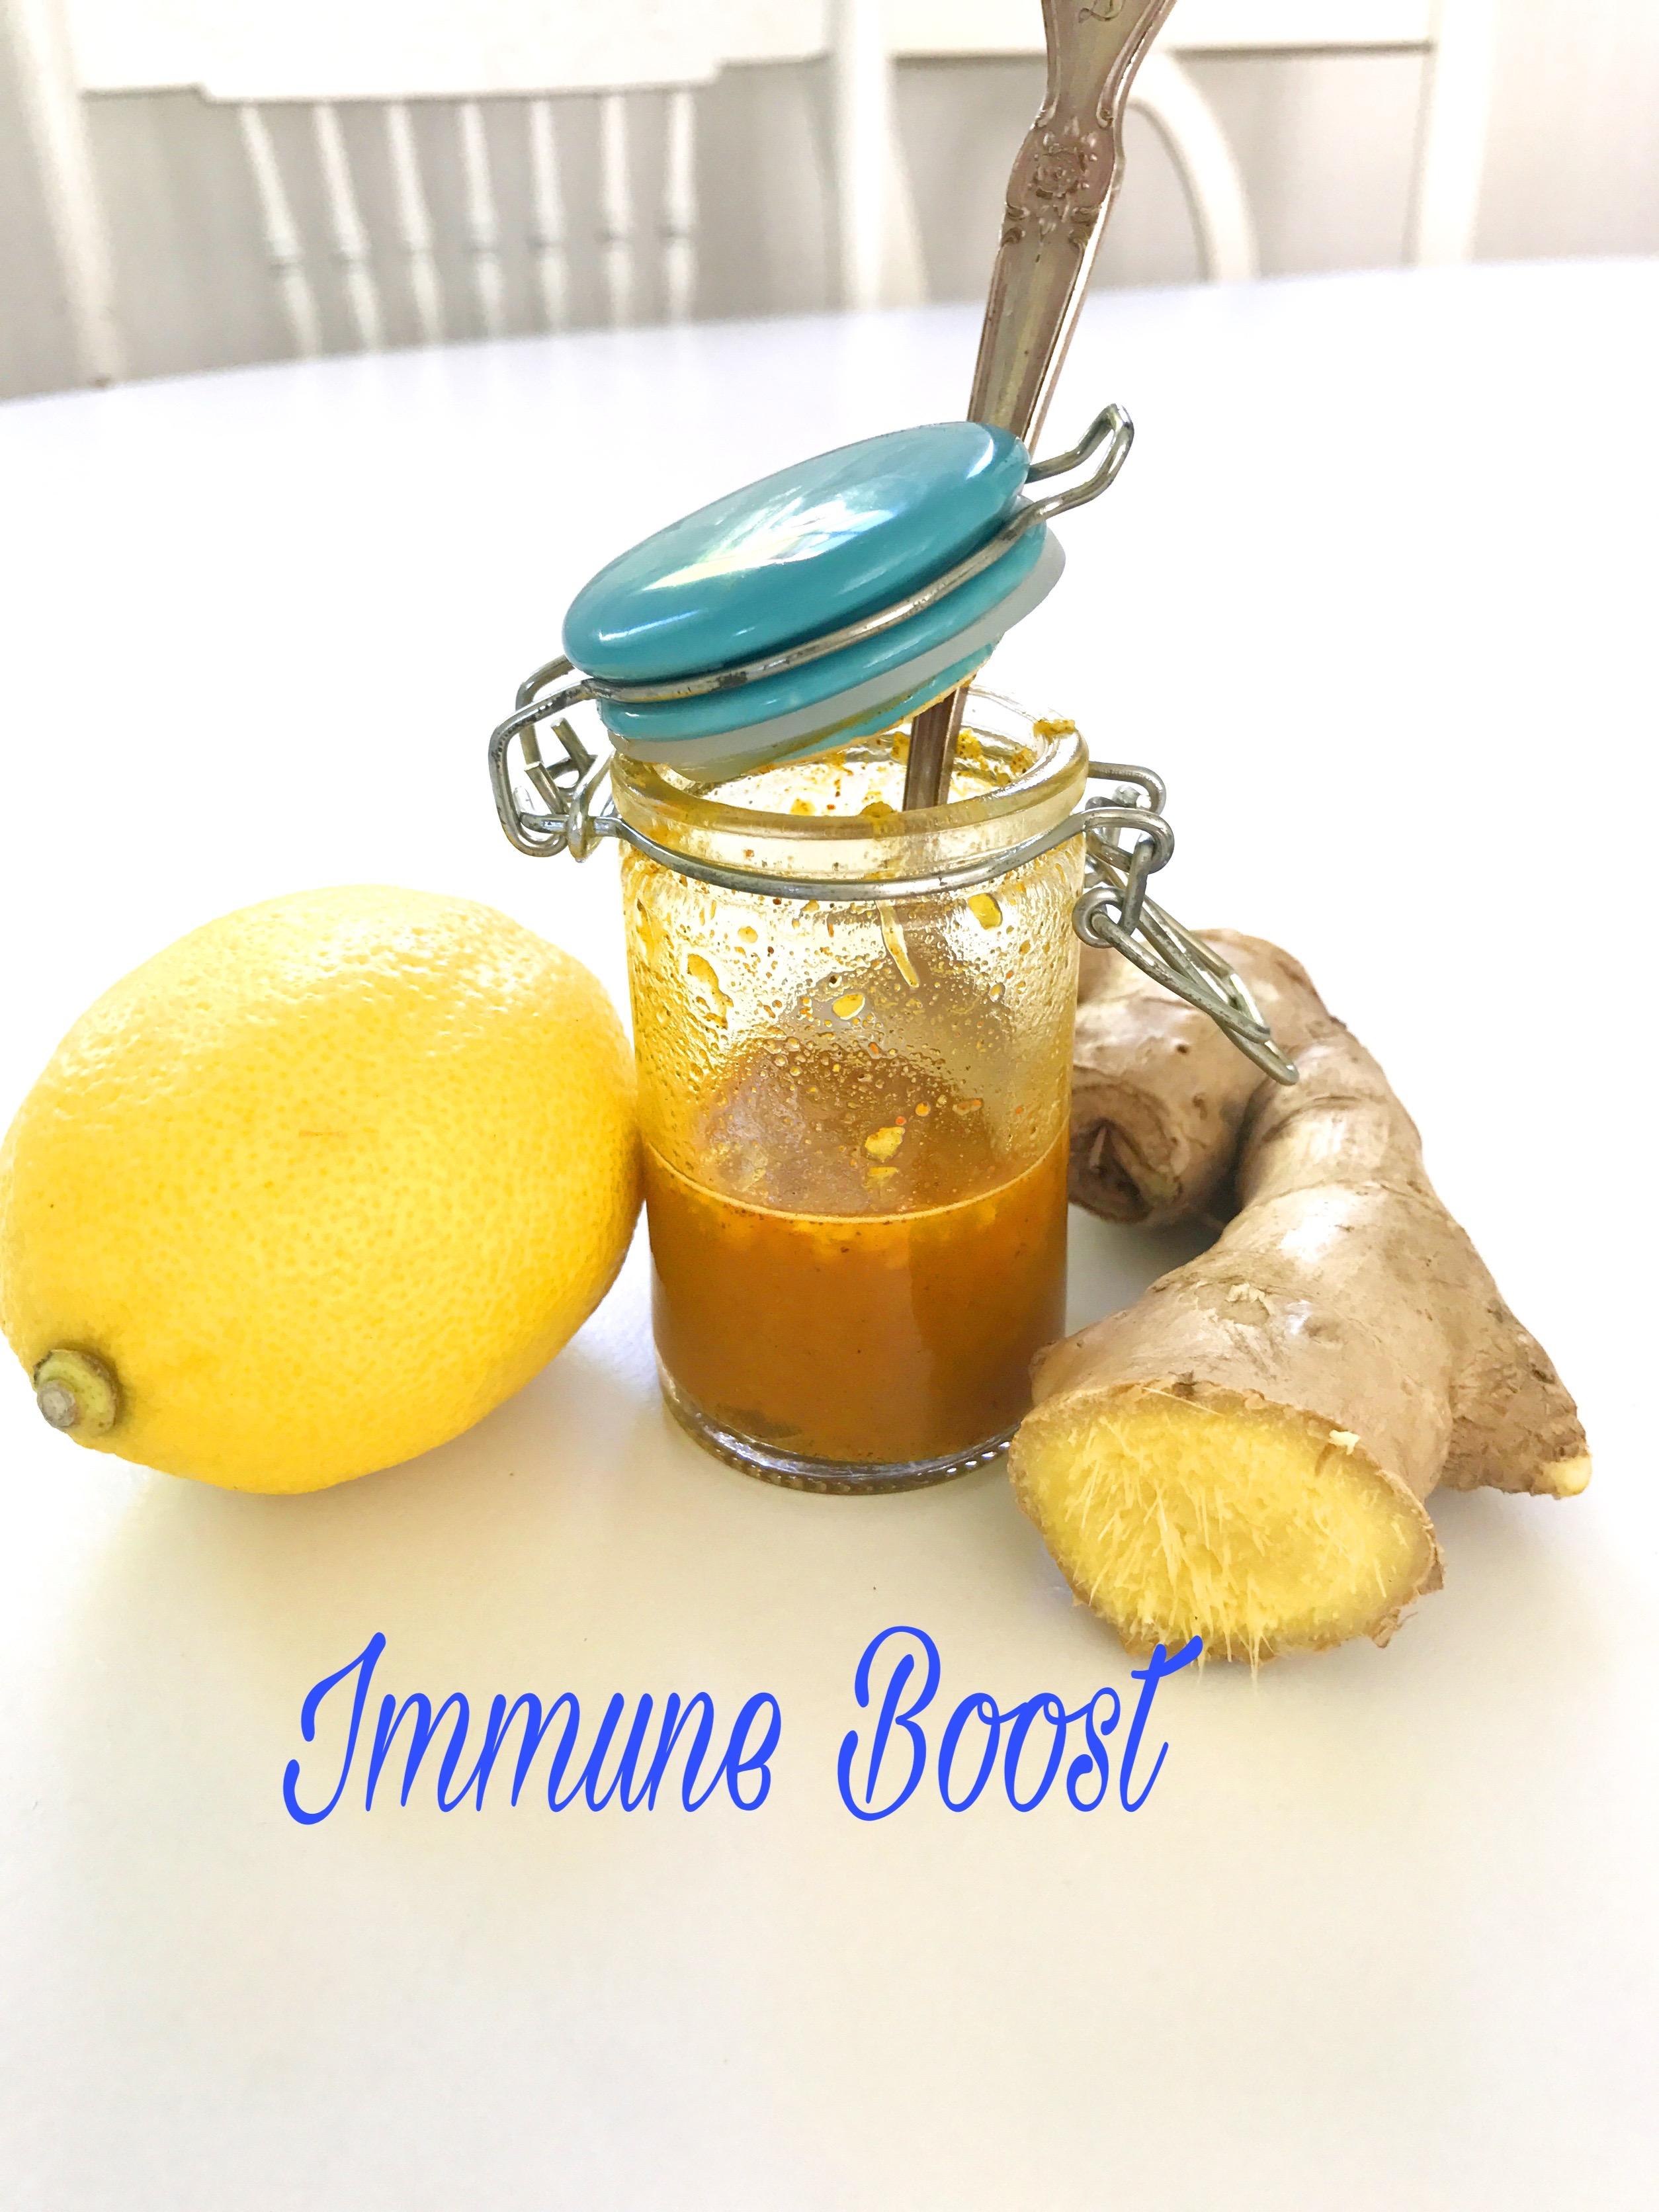 DIY Immune Boosting Tonic